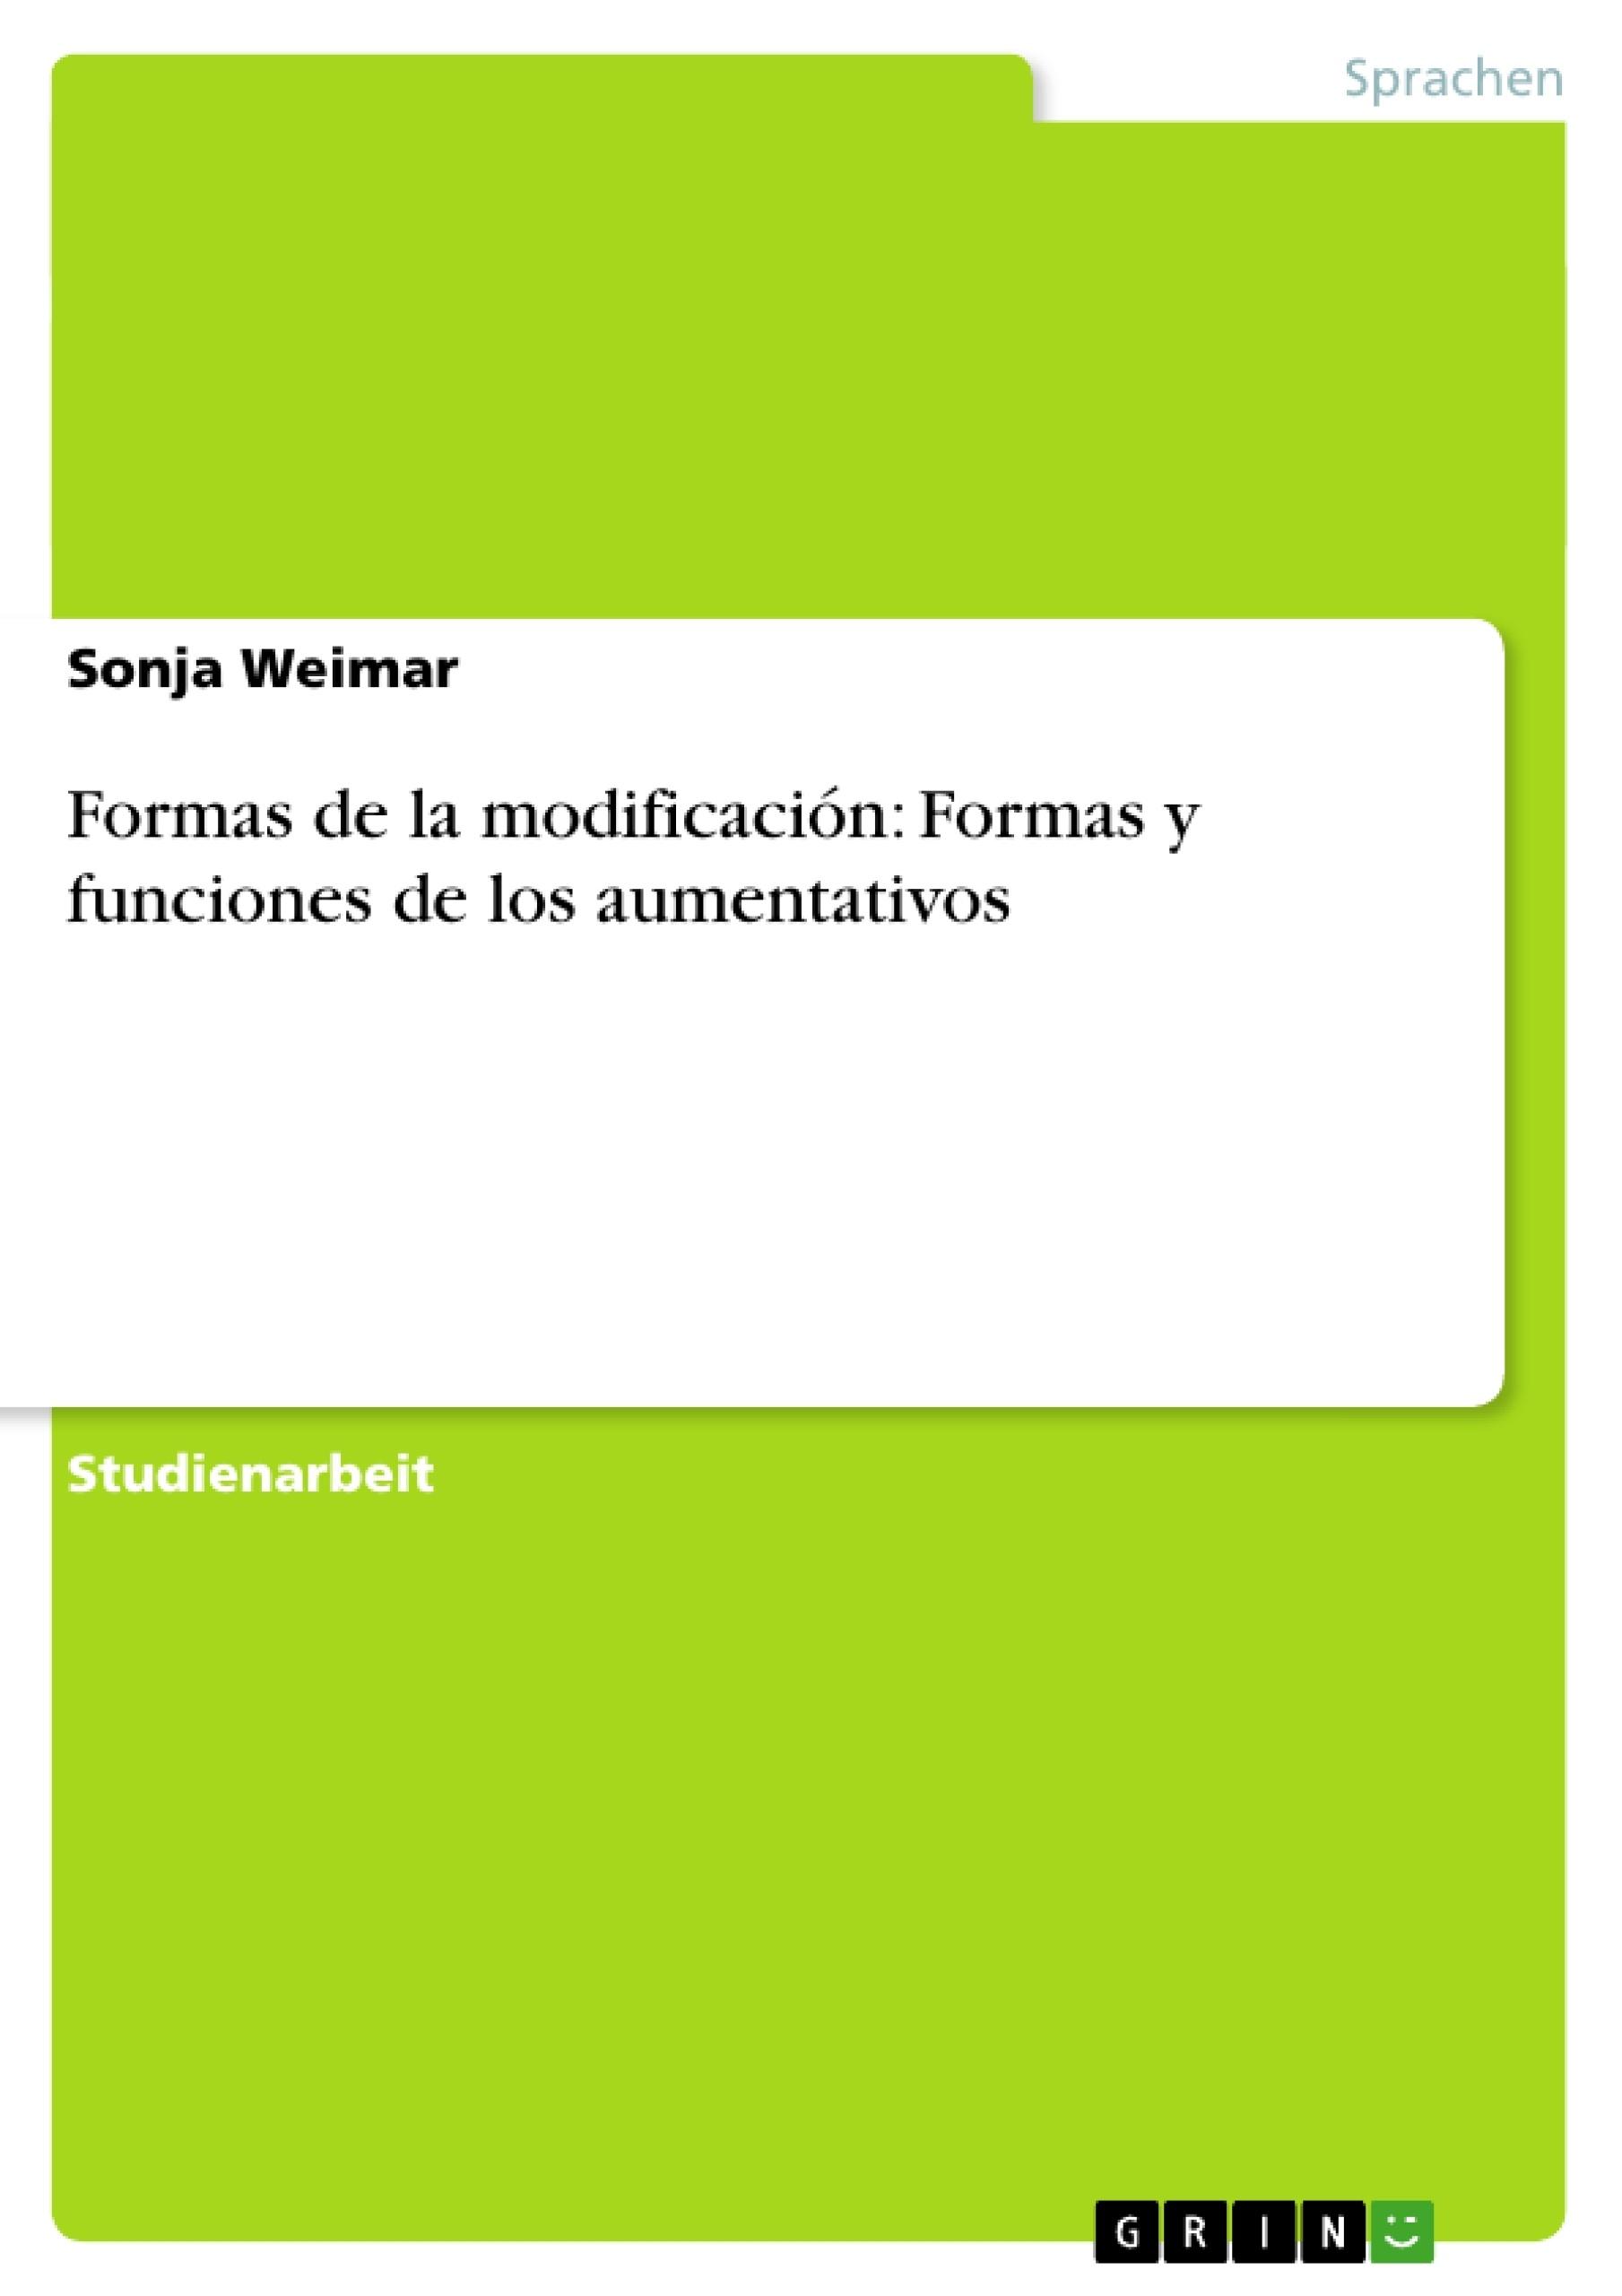 Titel: Formas de la modificación: Formas y funciones de los aumentativos